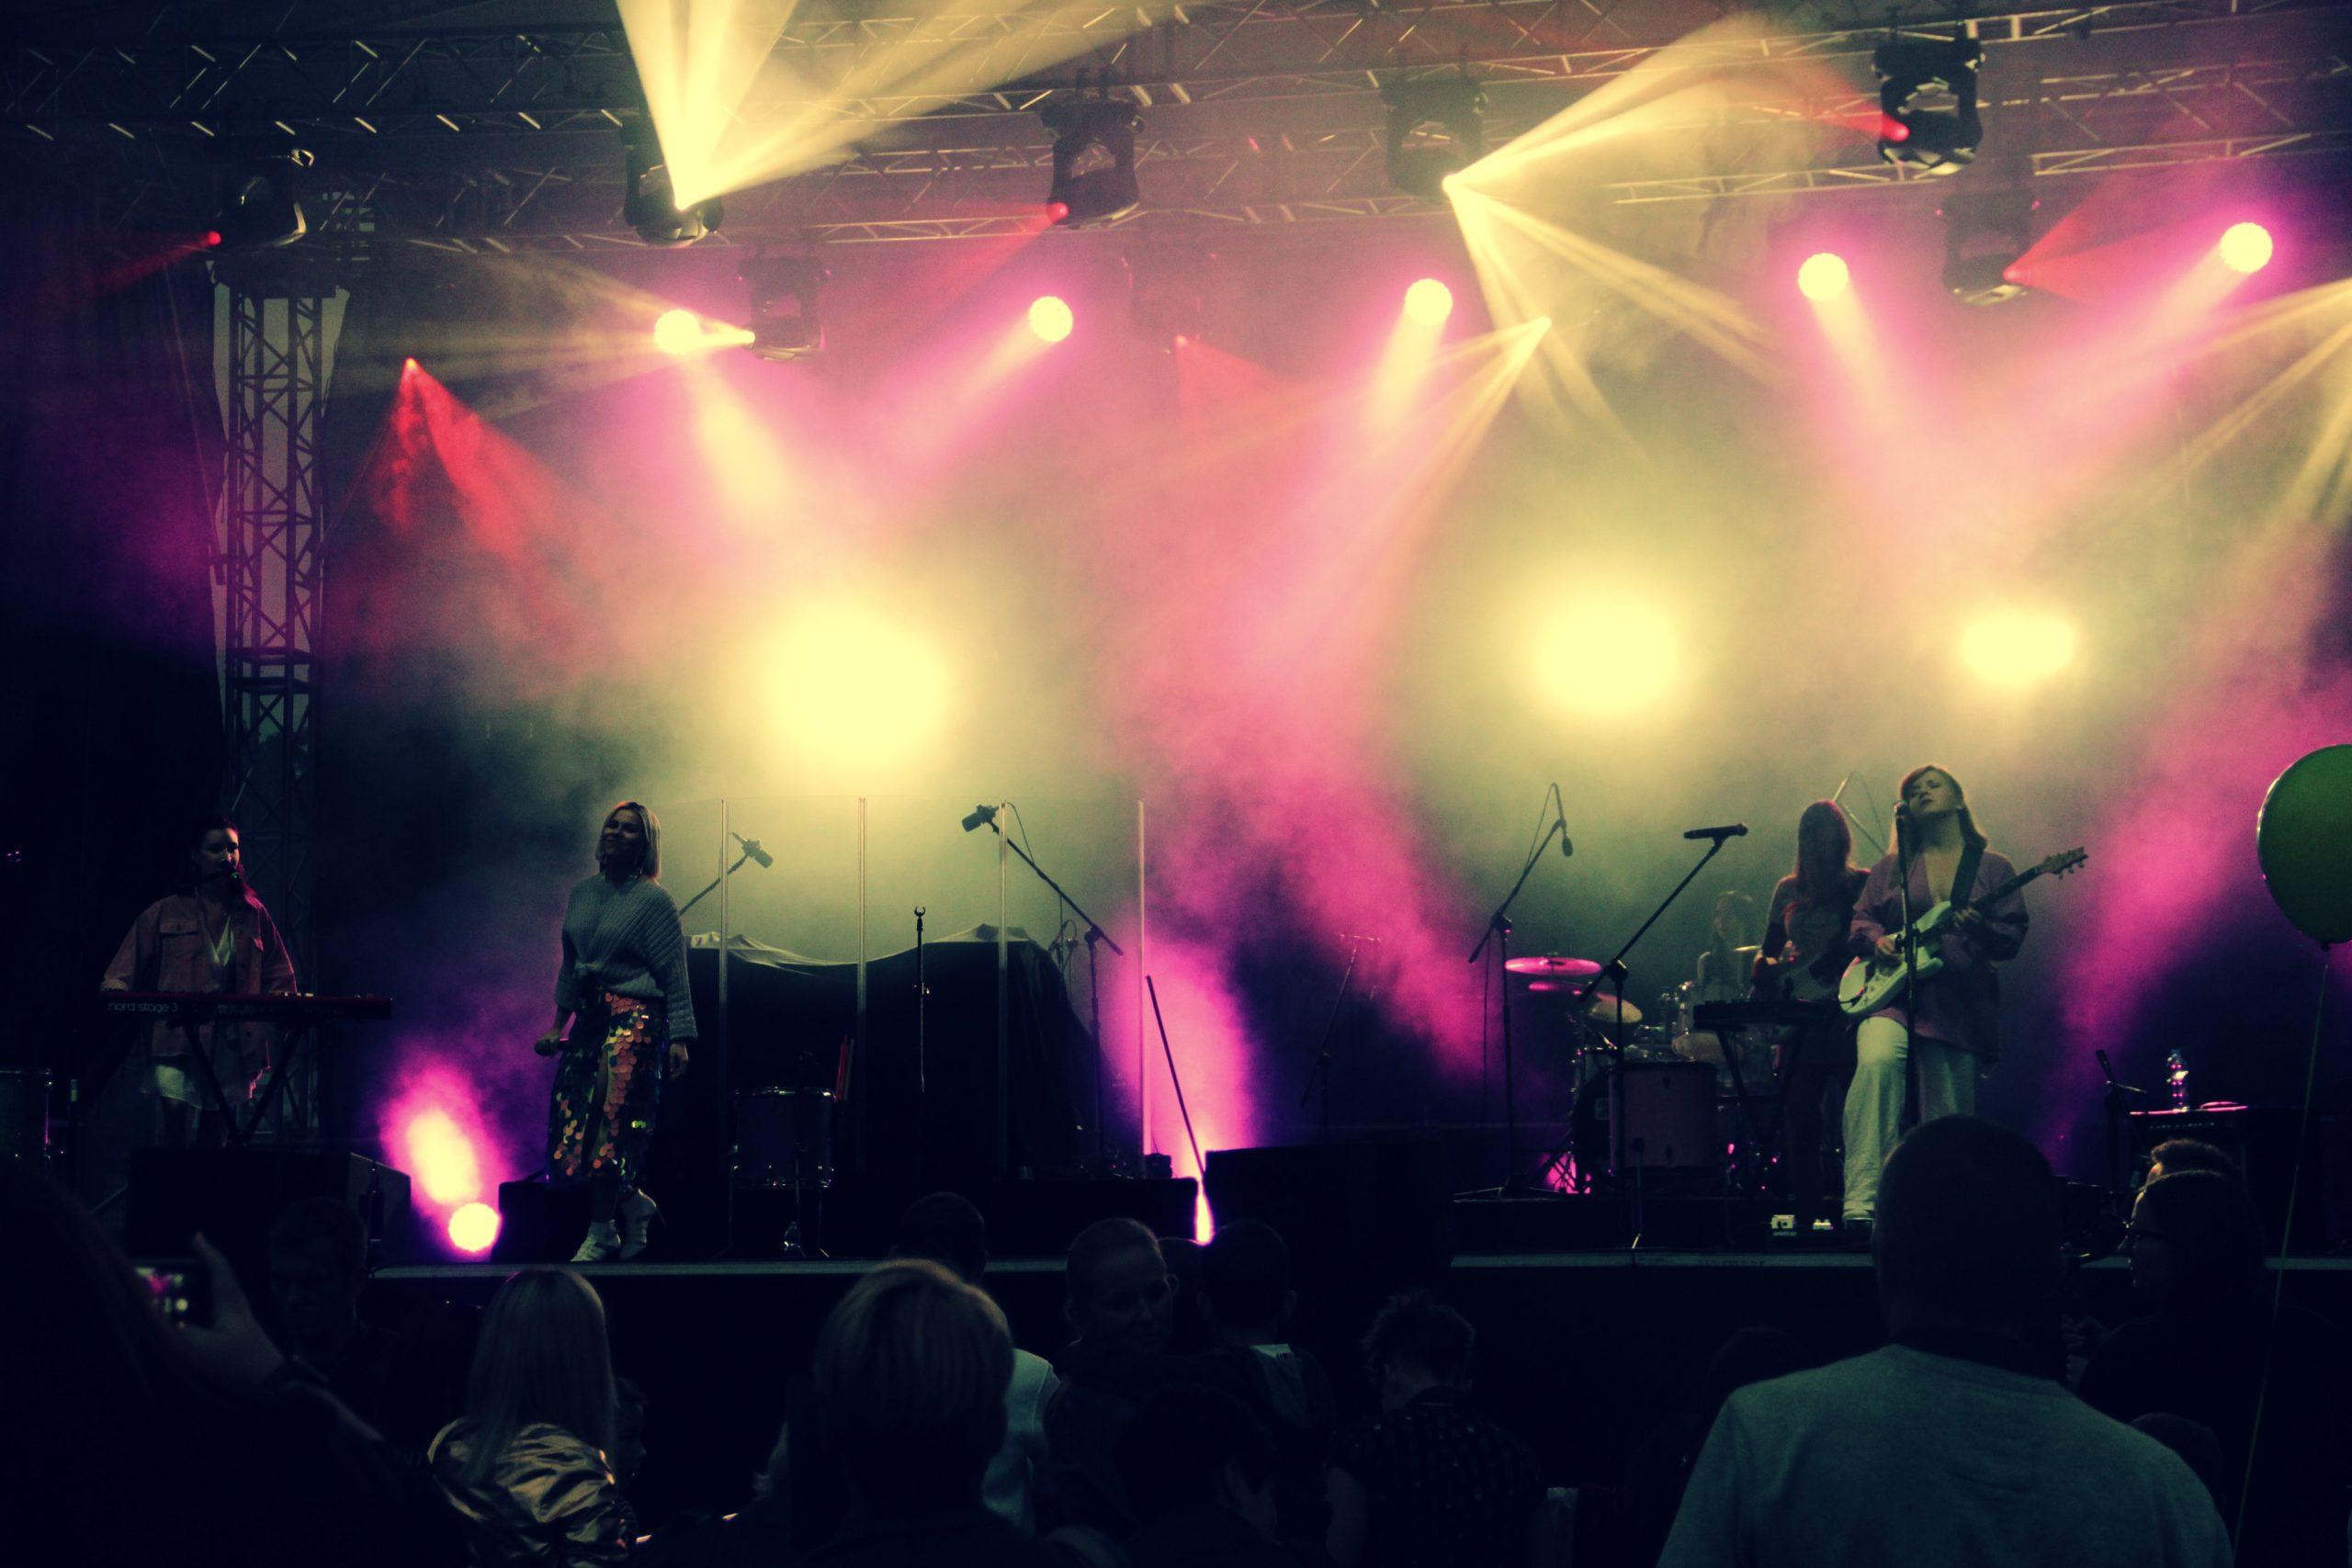 Wieczorny występ zespołu Prink Girls - wykonawcy na podświetlonej scenie